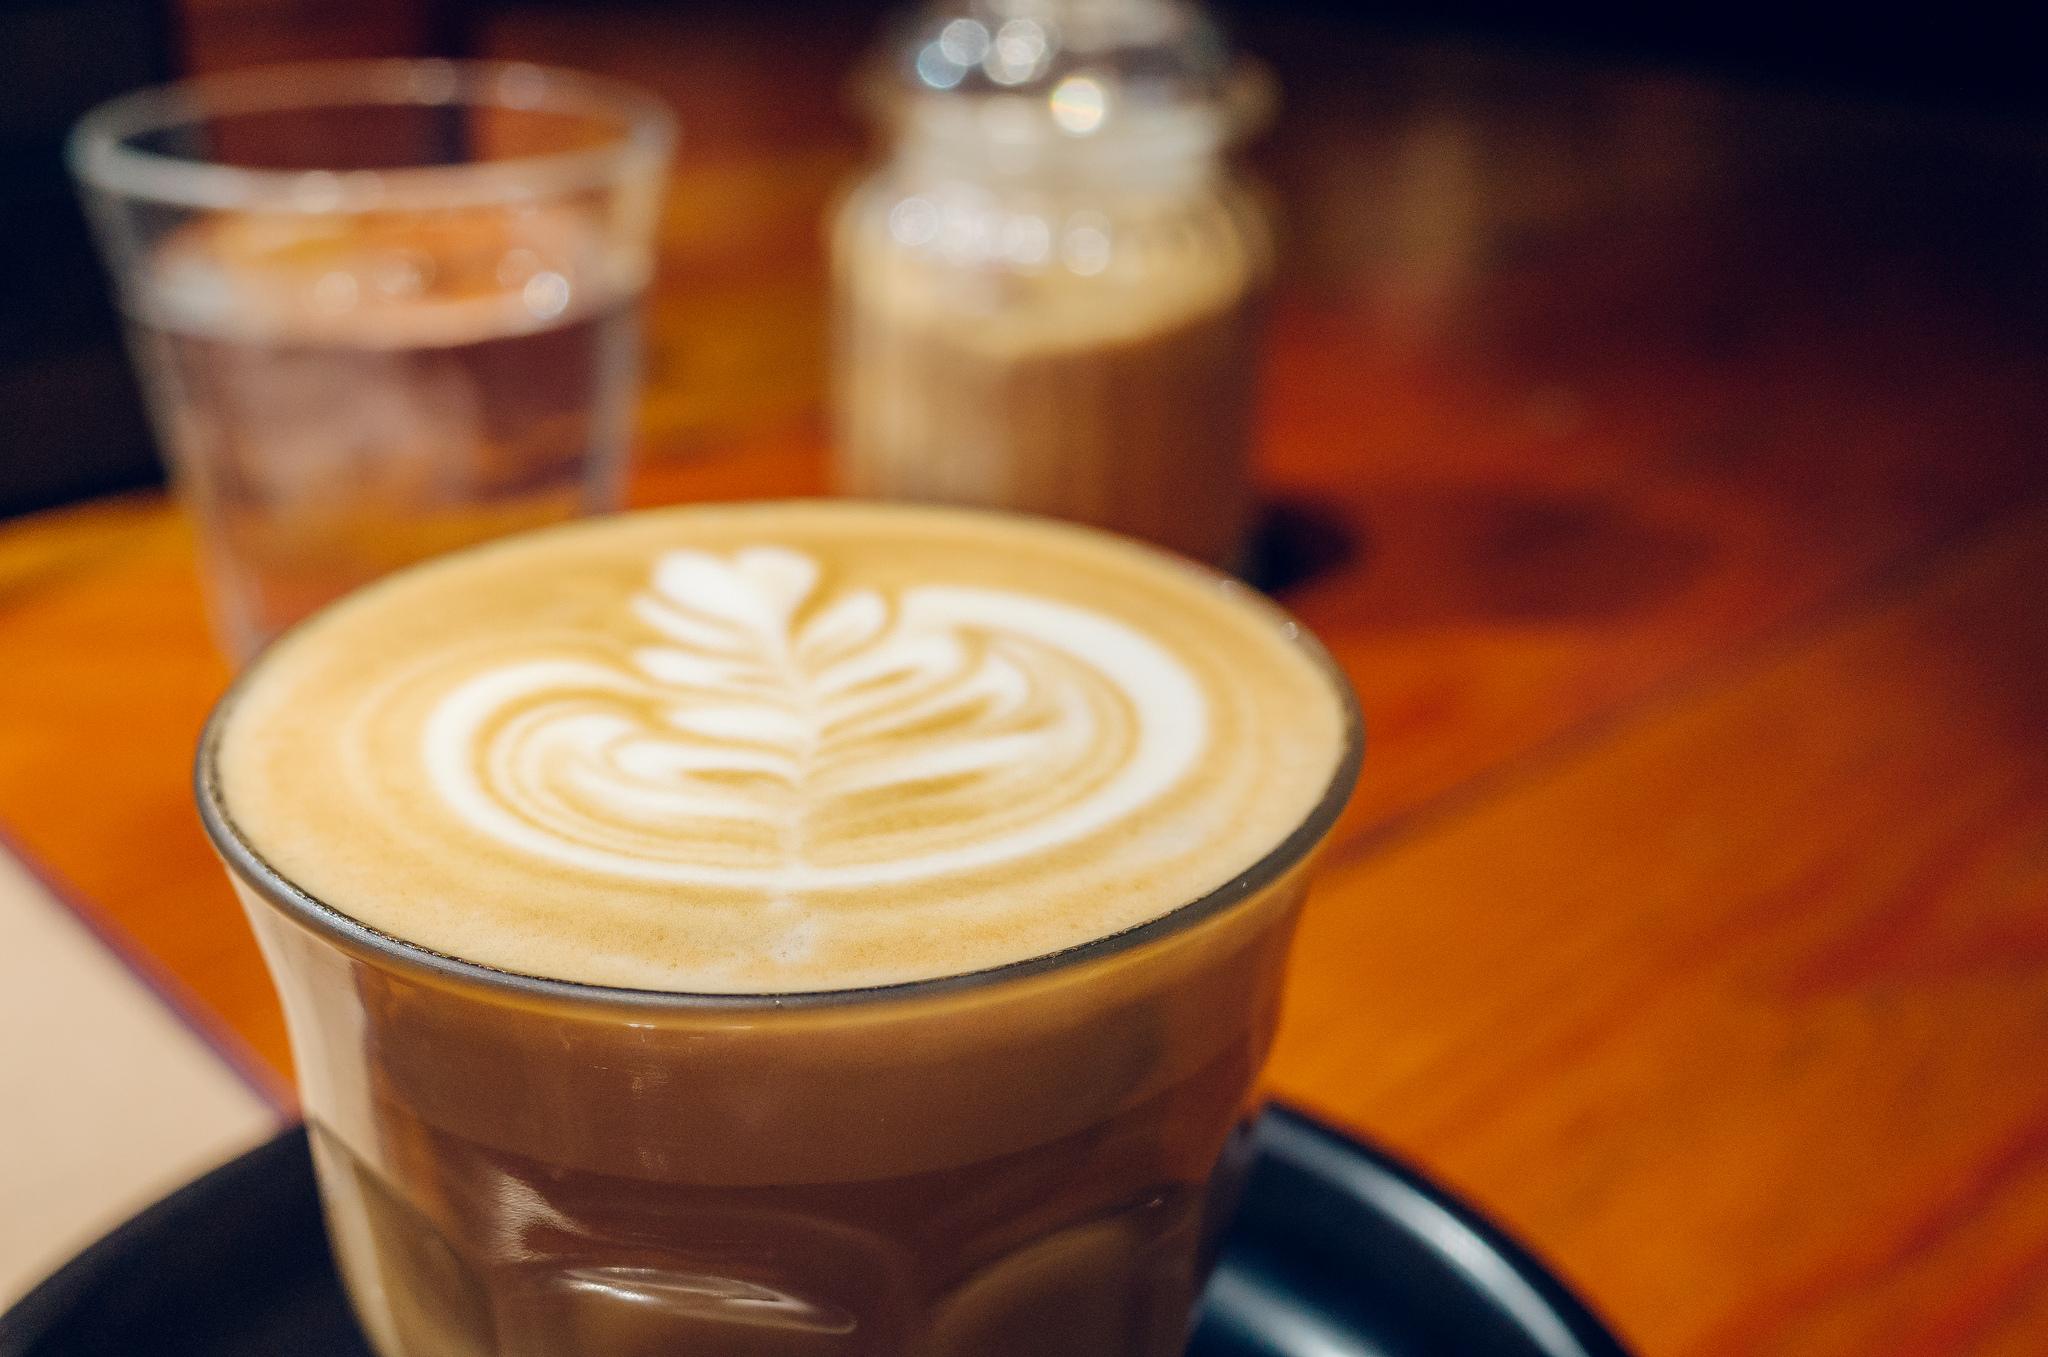 横浜駅直結、朝7時から営業のスターバックスコーヒールミネ横浜店は朝の隙間時間活用に便利